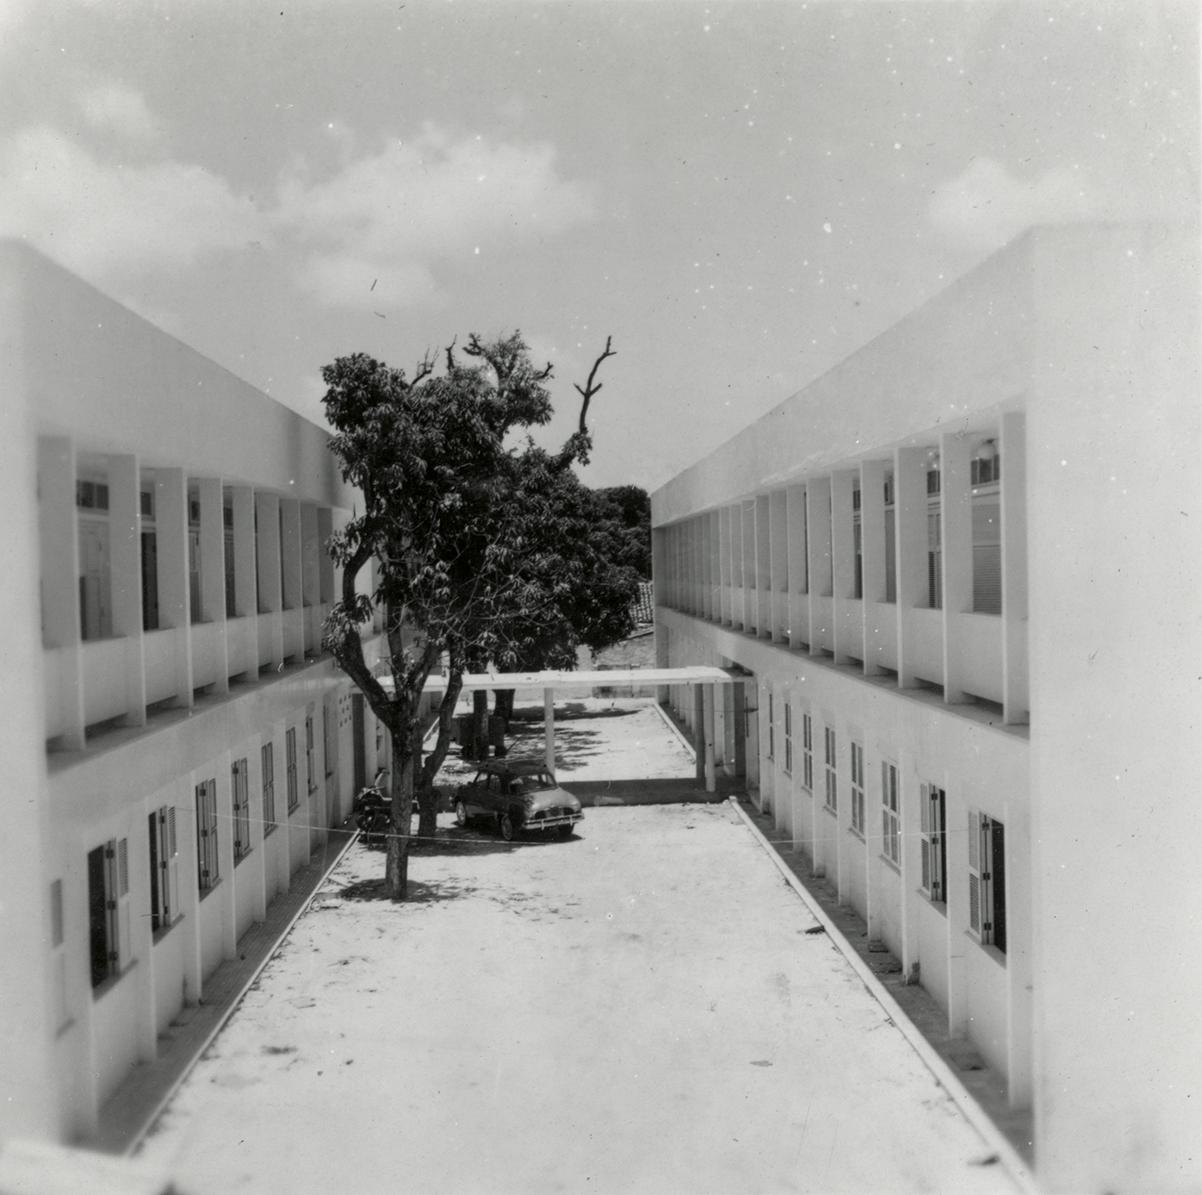 Prédio do Instituto de Química e Tecnologia, à esquerda; prédio do Instituto de Matemática, à direita, 1961.